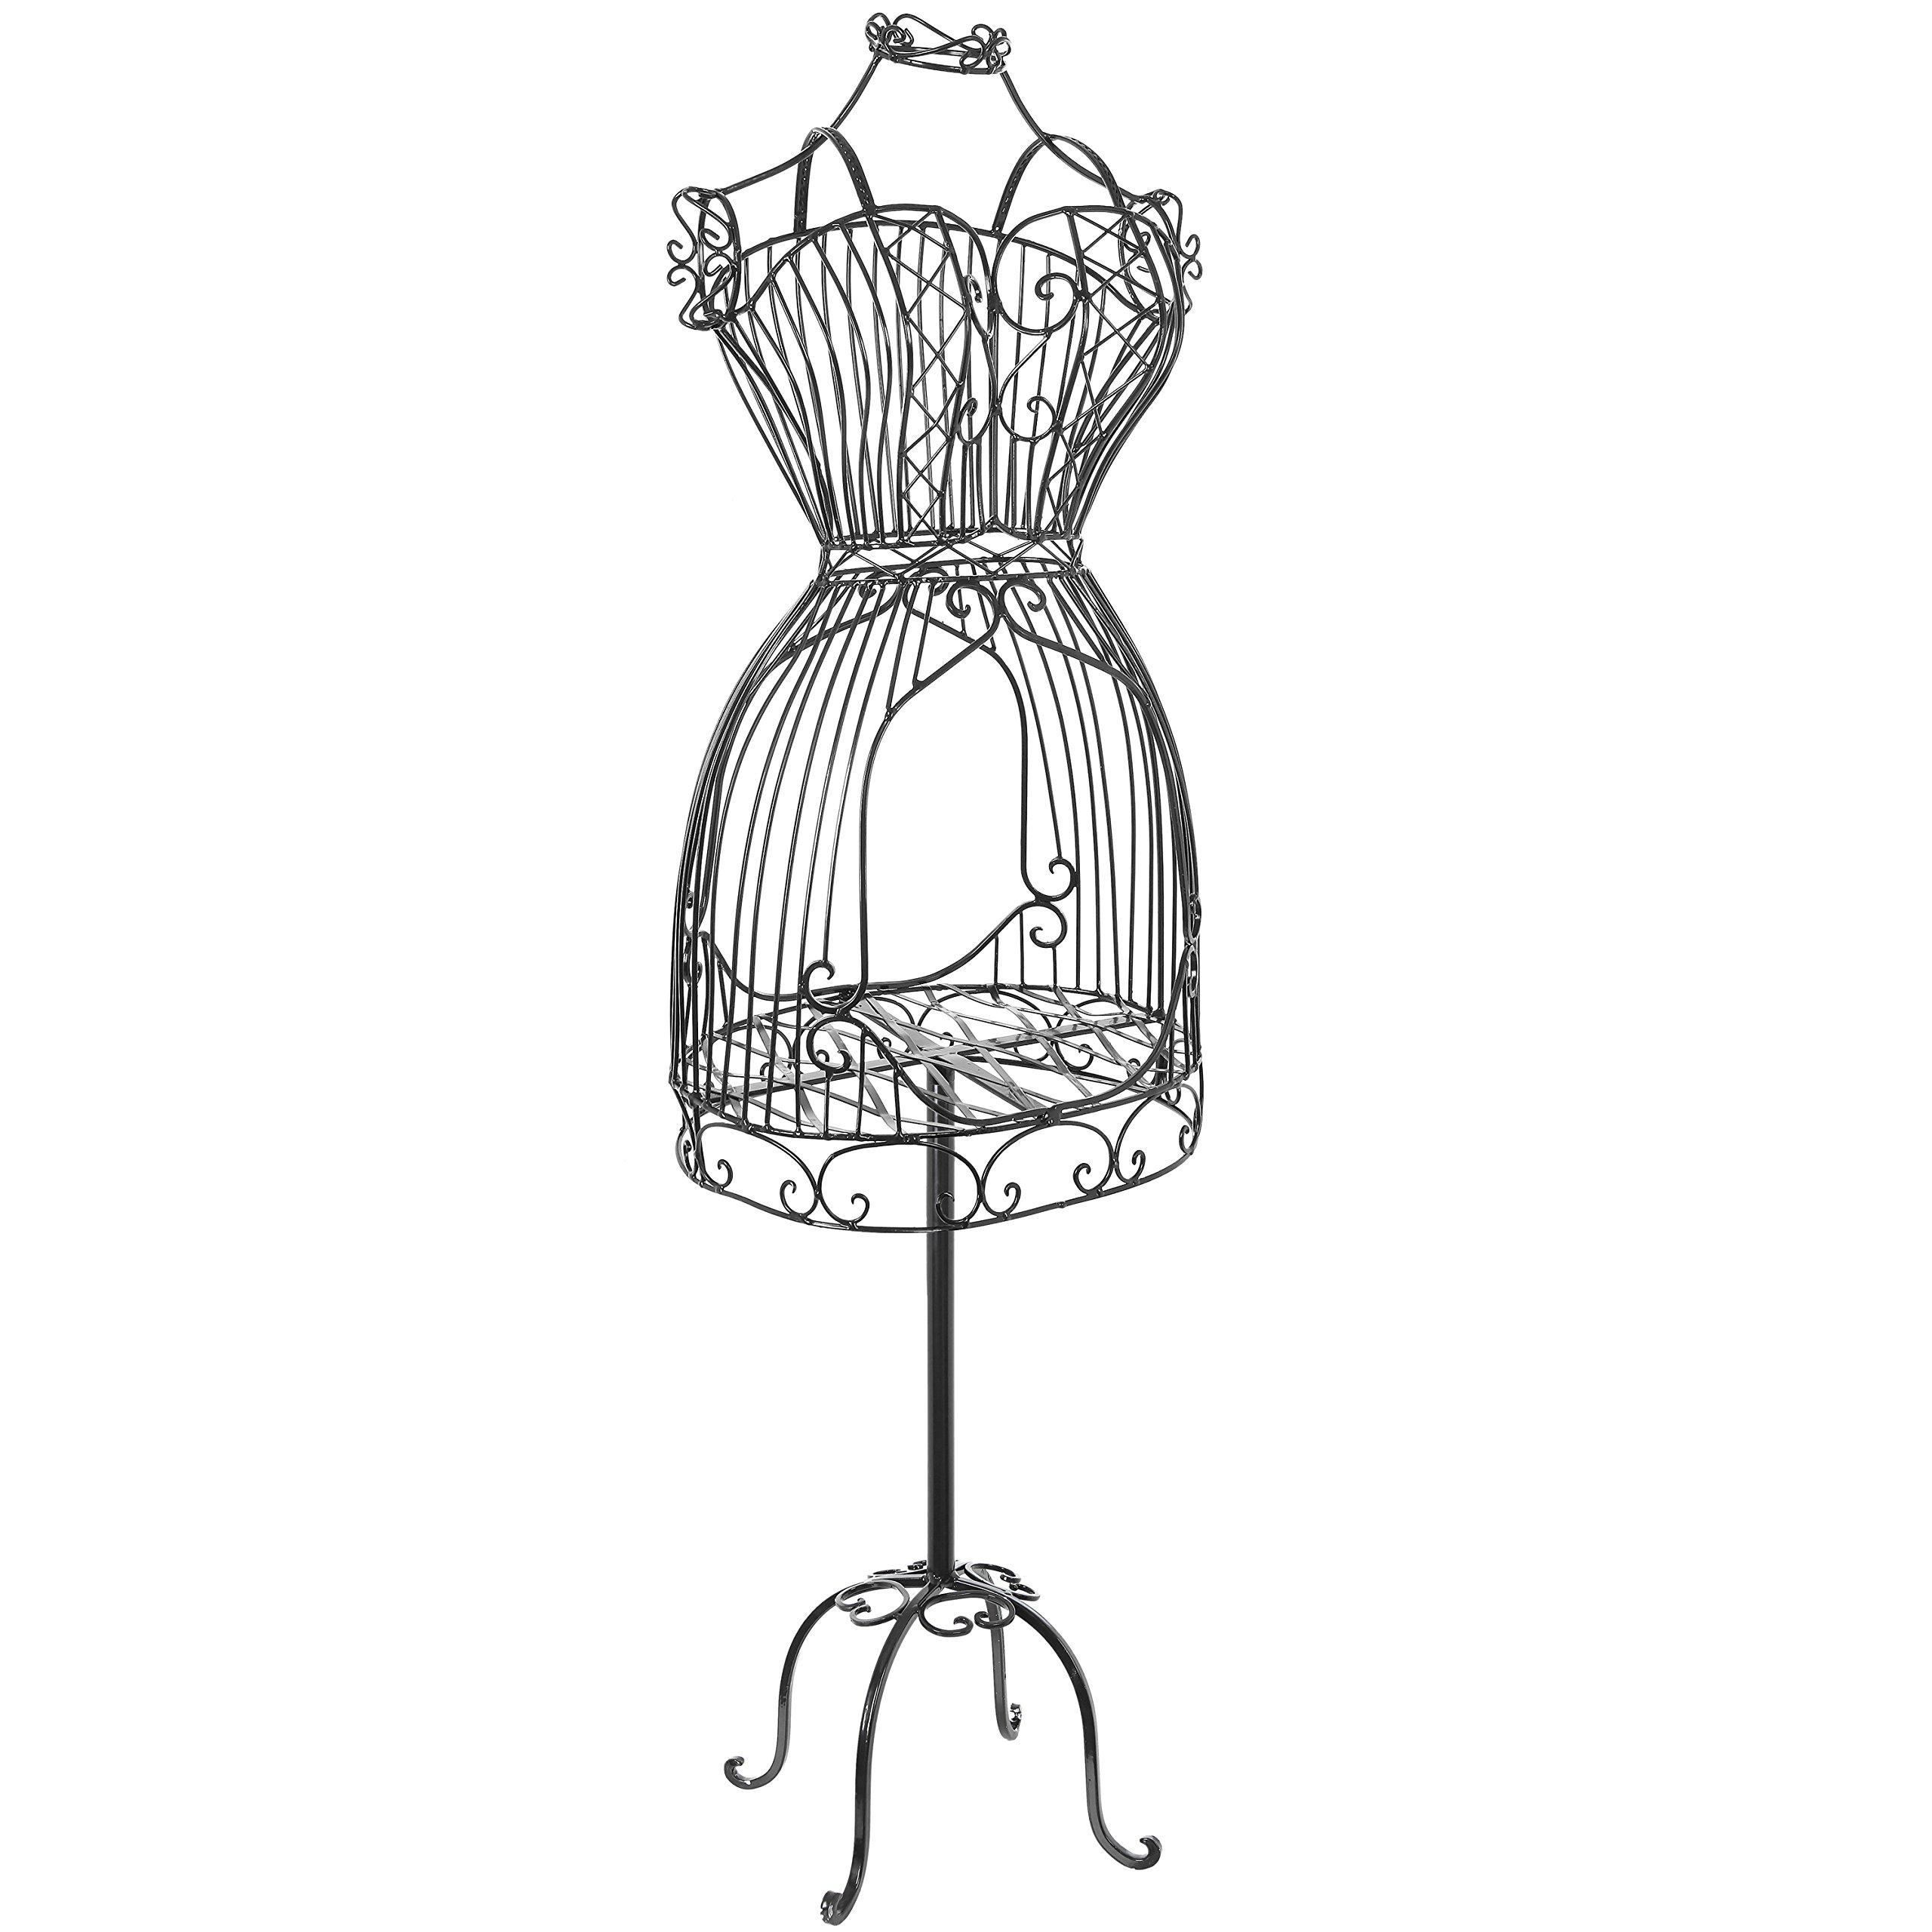 2560x2560 cheap wire dress mannequin, find wire dress mannequin deals